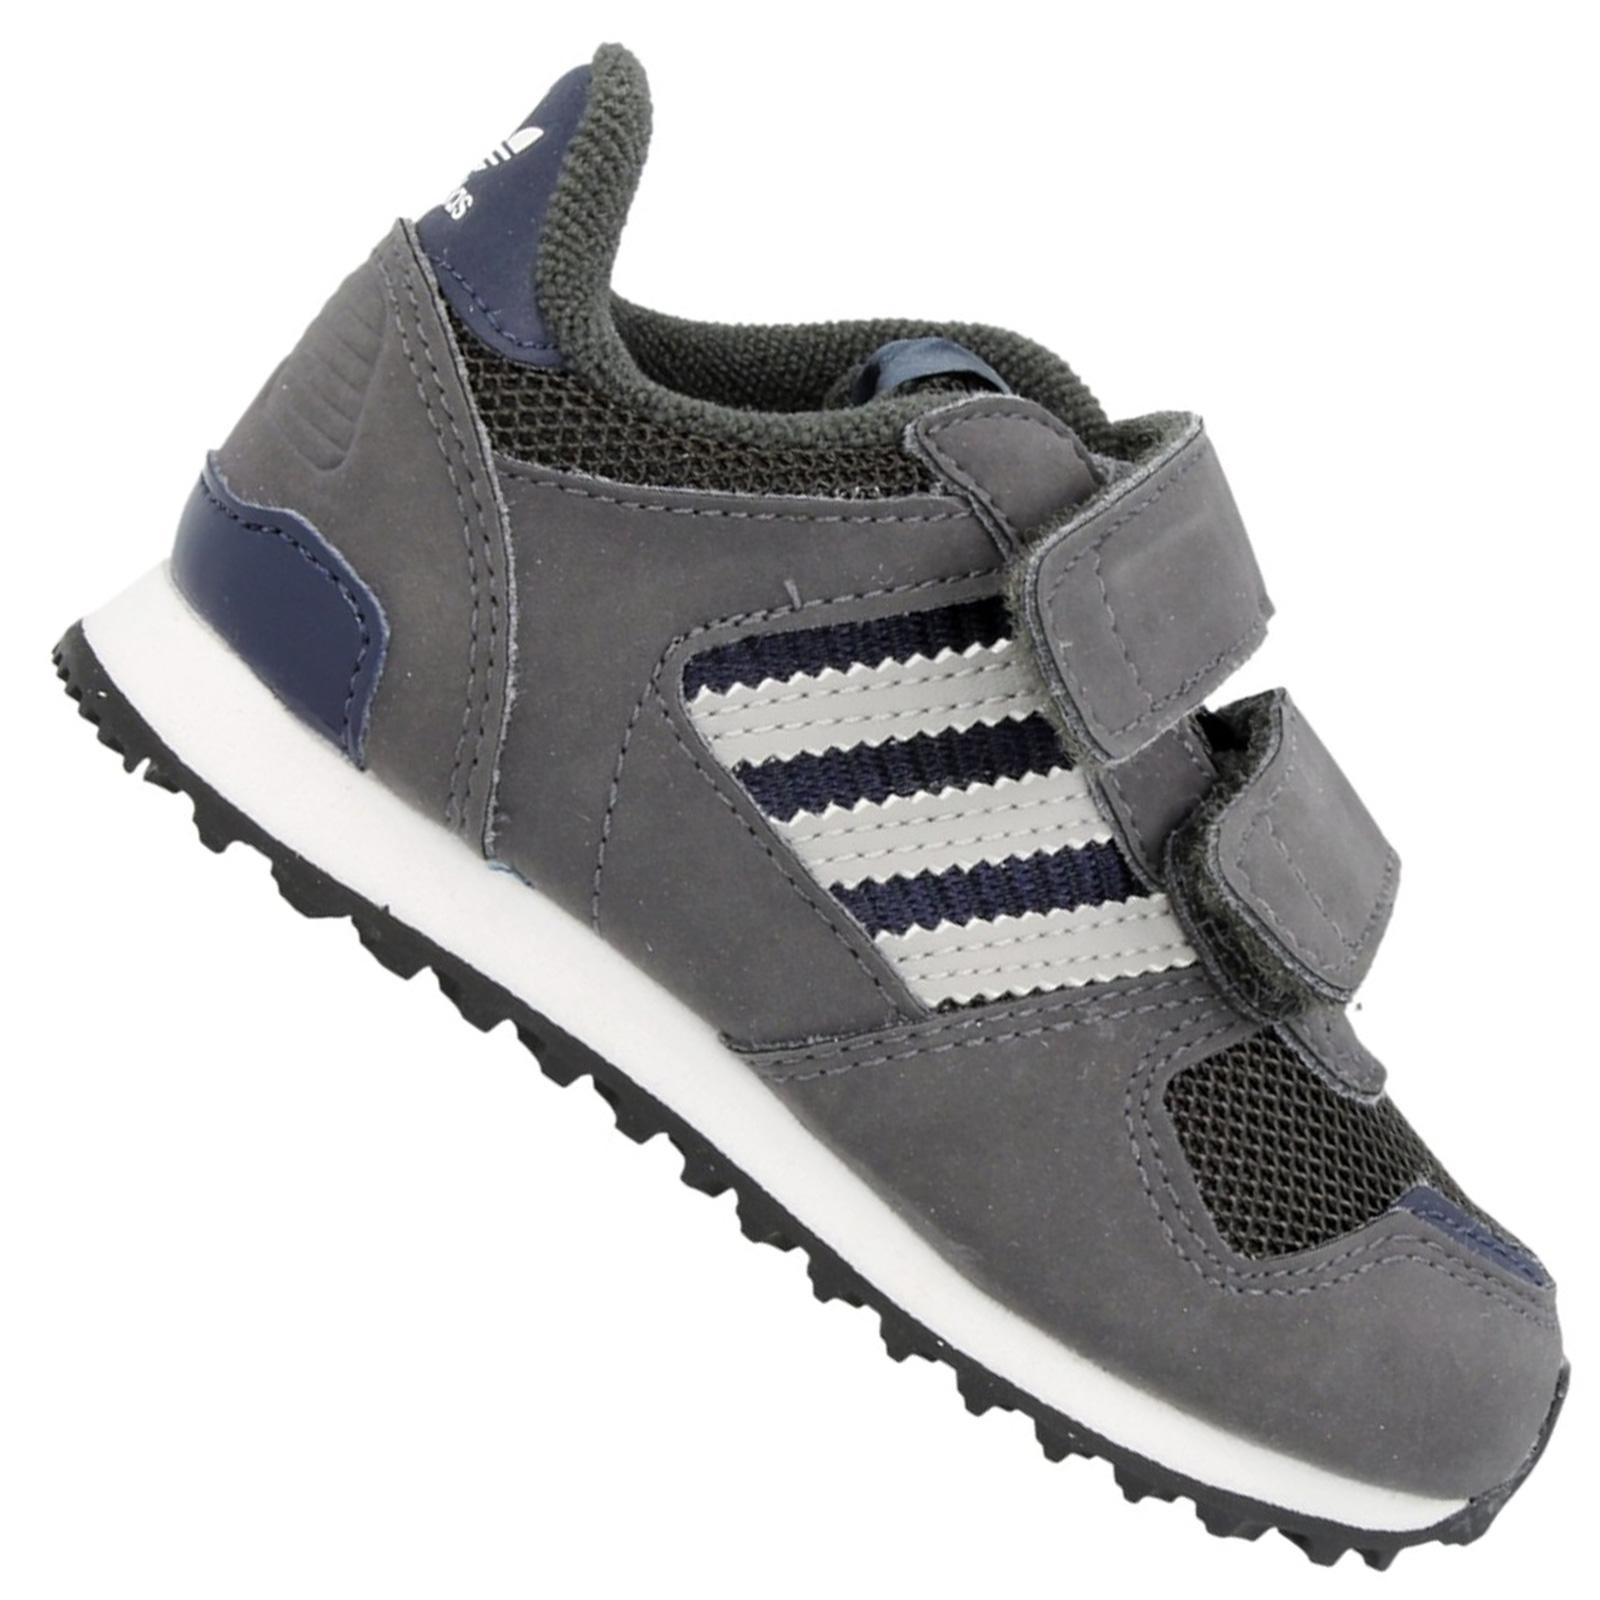 Details zu adidas Originals ZX 700 Flux Kinder Jungen Sneaker Turnschuhe Dunkelgrau Grau 26